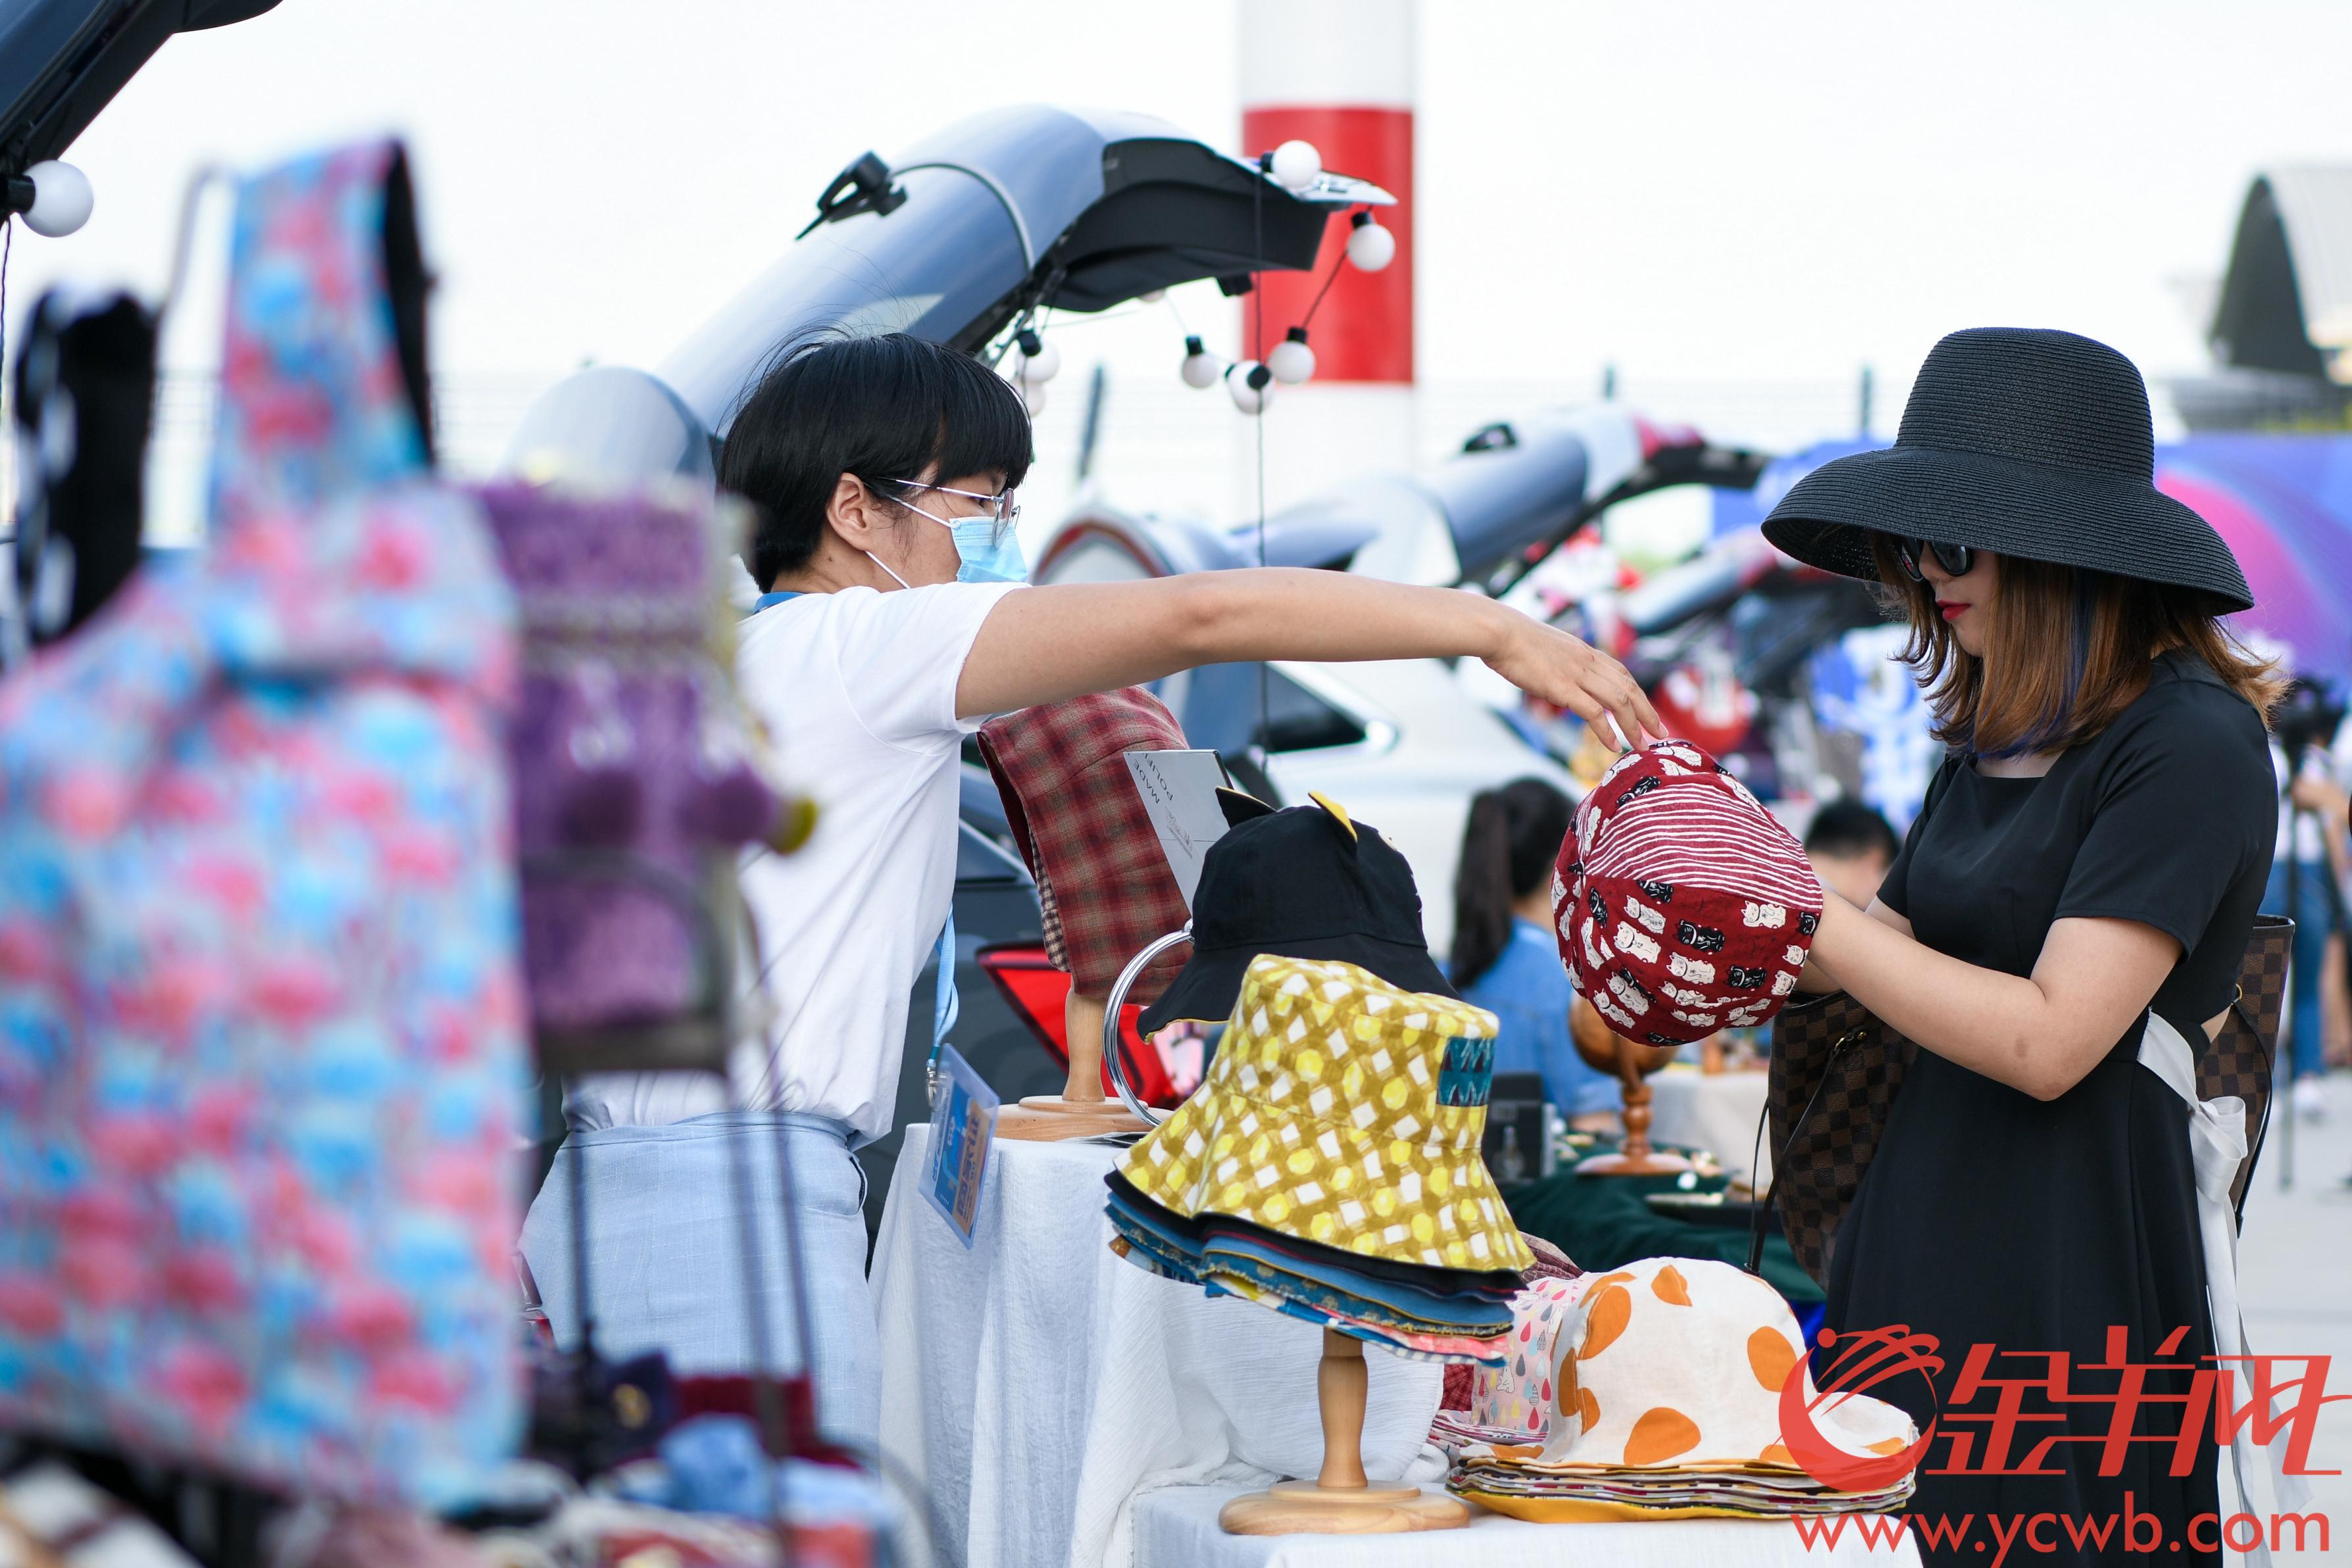 音乐节现场还引入羊城晚报森市集,进行文化创意艺术交流 羊城晚报全媒体记者 梁喻 摄